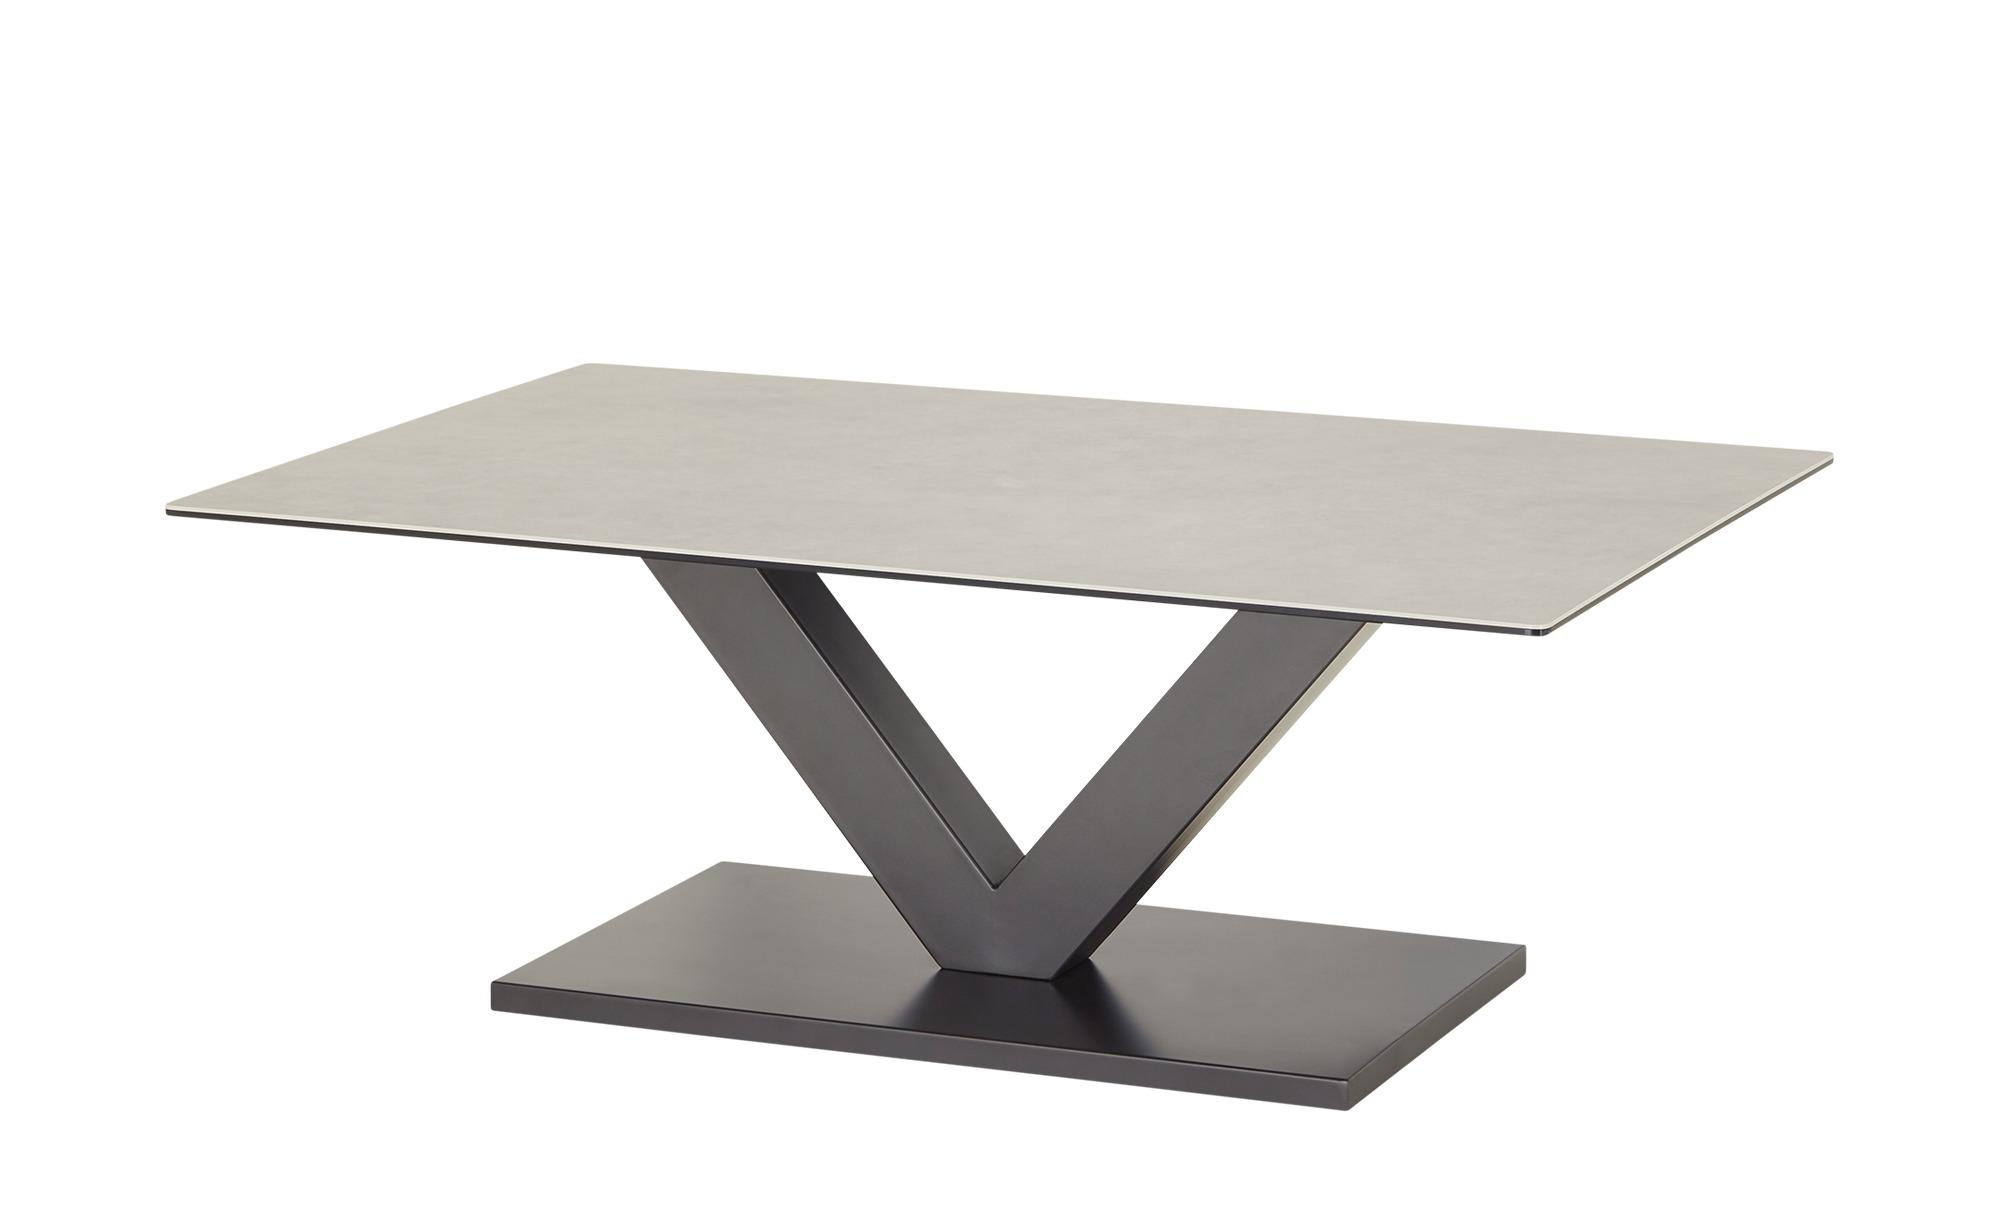 Couchtisch  Delia ¦ schwarz ¦ Maße (cm): B: 70 H: 42,5 Tische > Couchtische > Couchtische rechteckig - Höffner